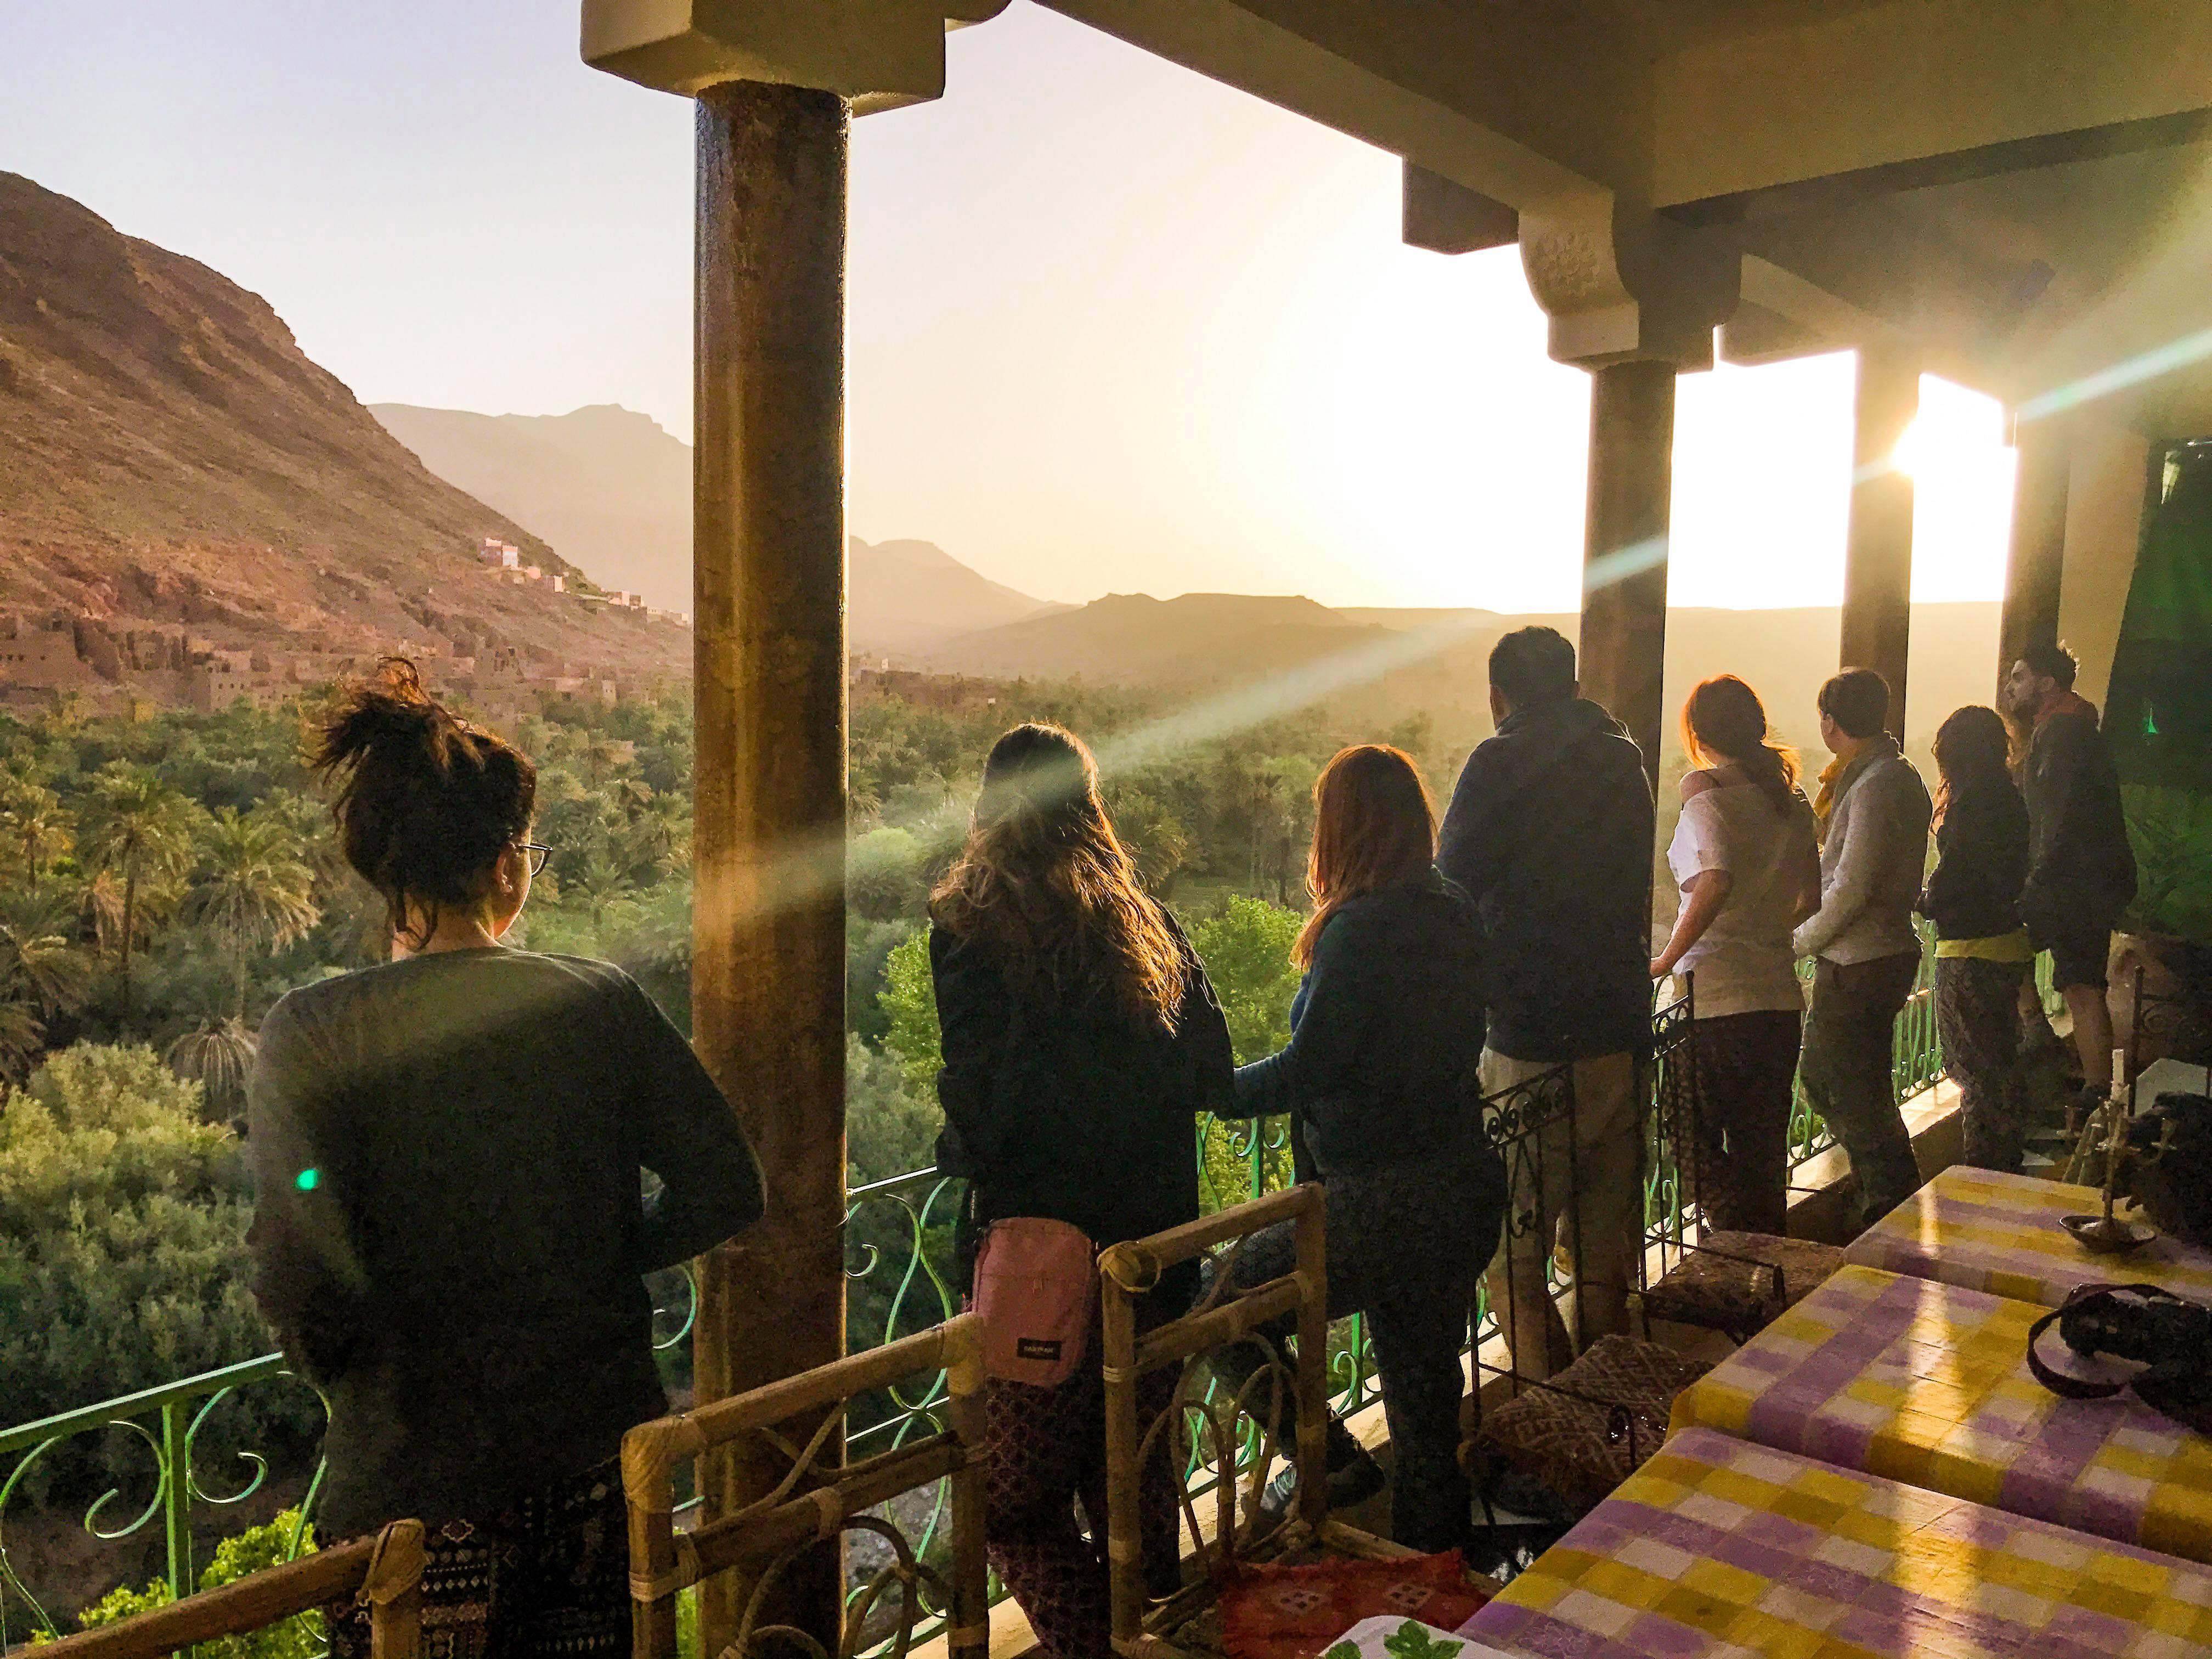 marocco todra gorges - camminate fotografiche